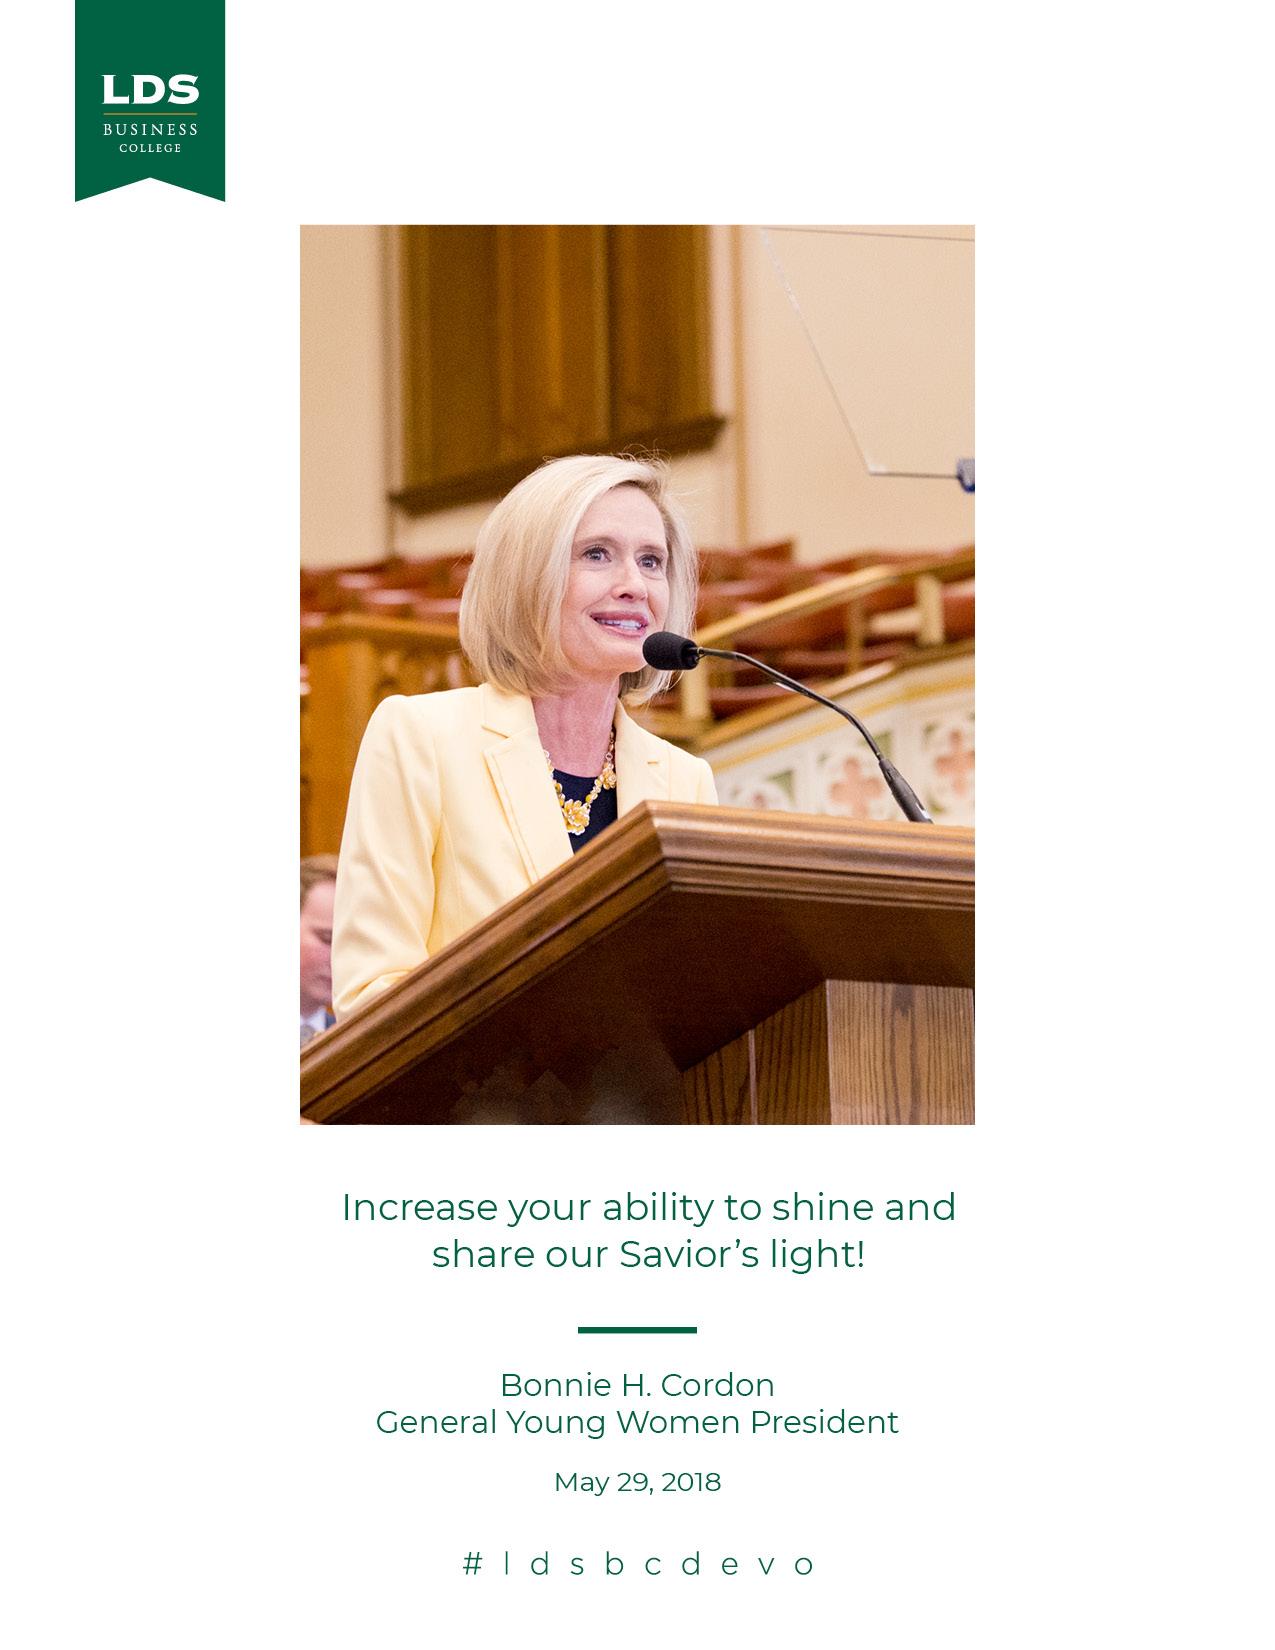 Bonnie Cordon quote